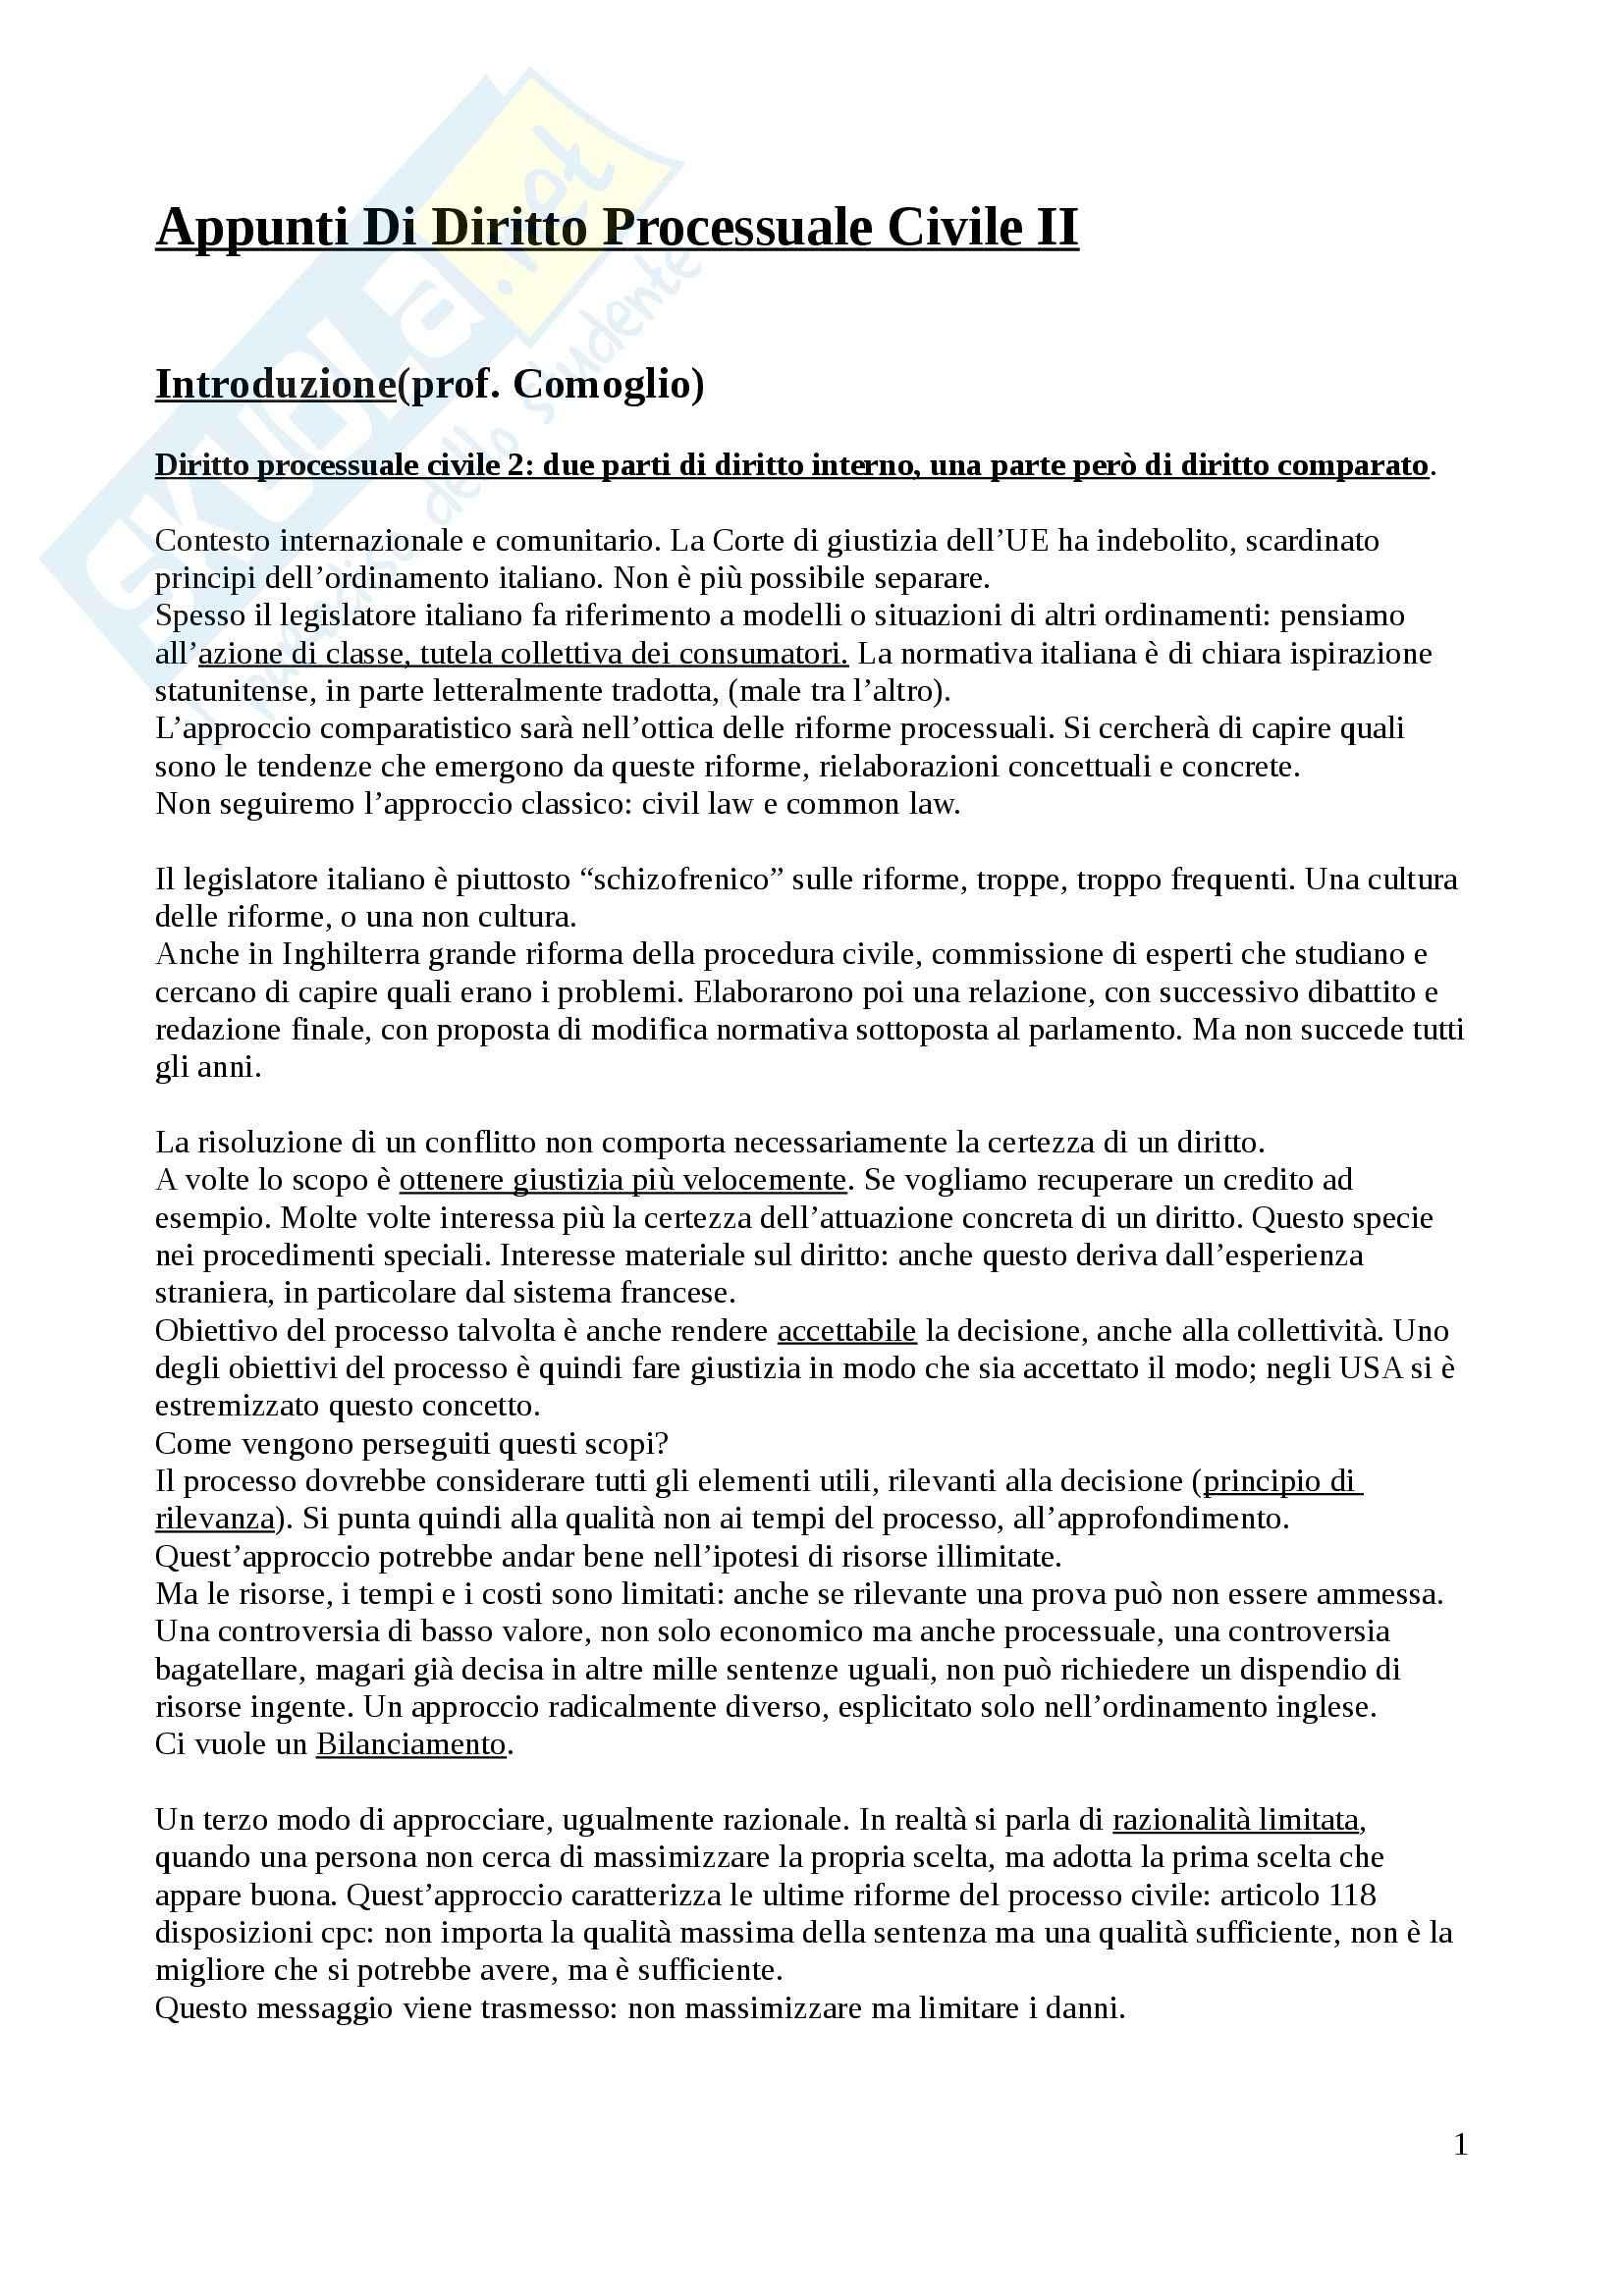 Diritto processuale civile - Appunti